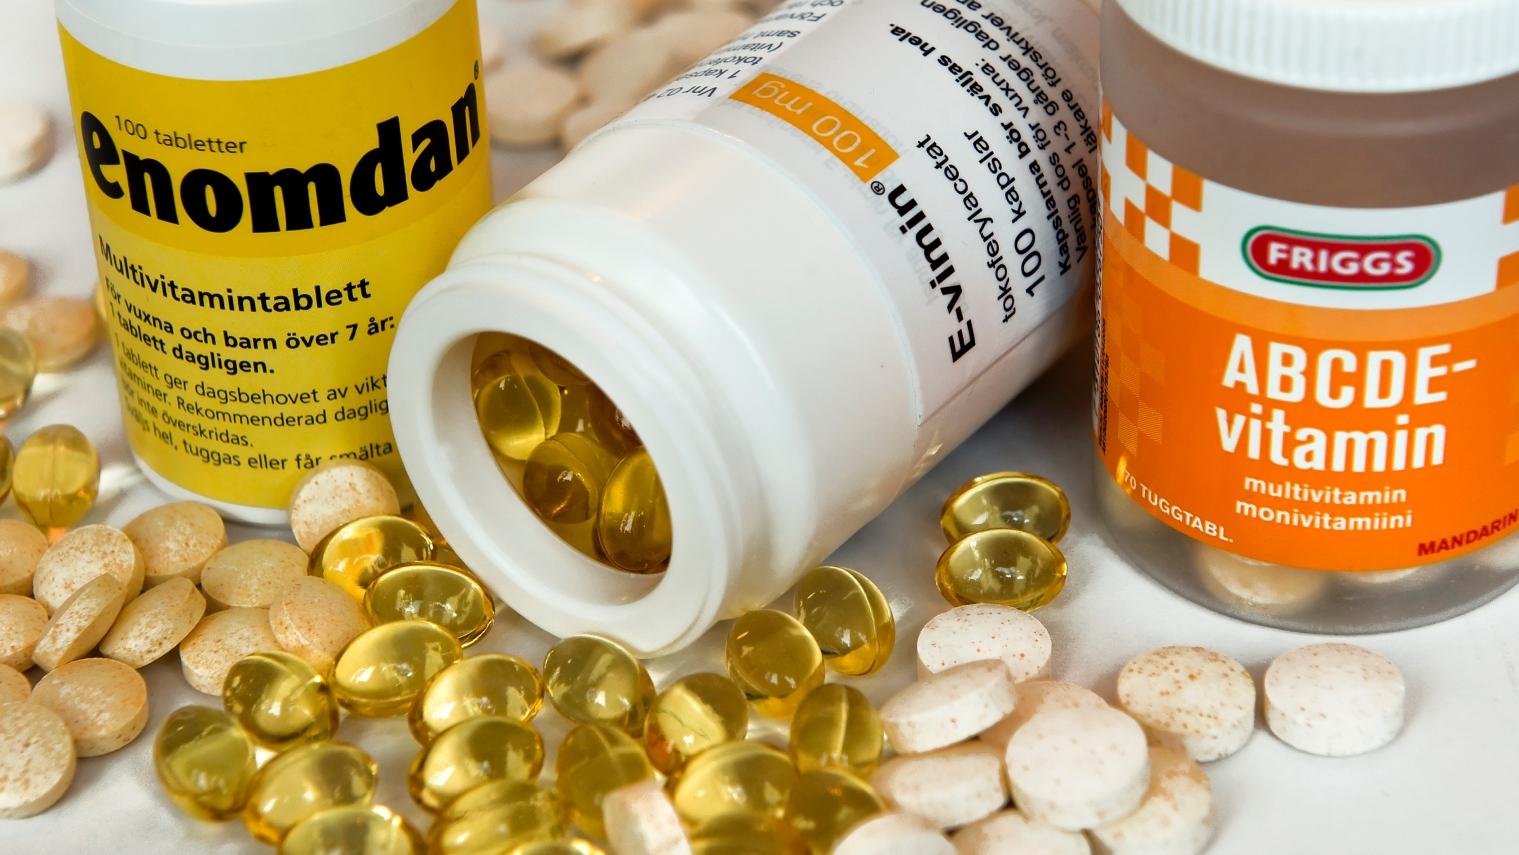 livsmedelsverket vitaminer